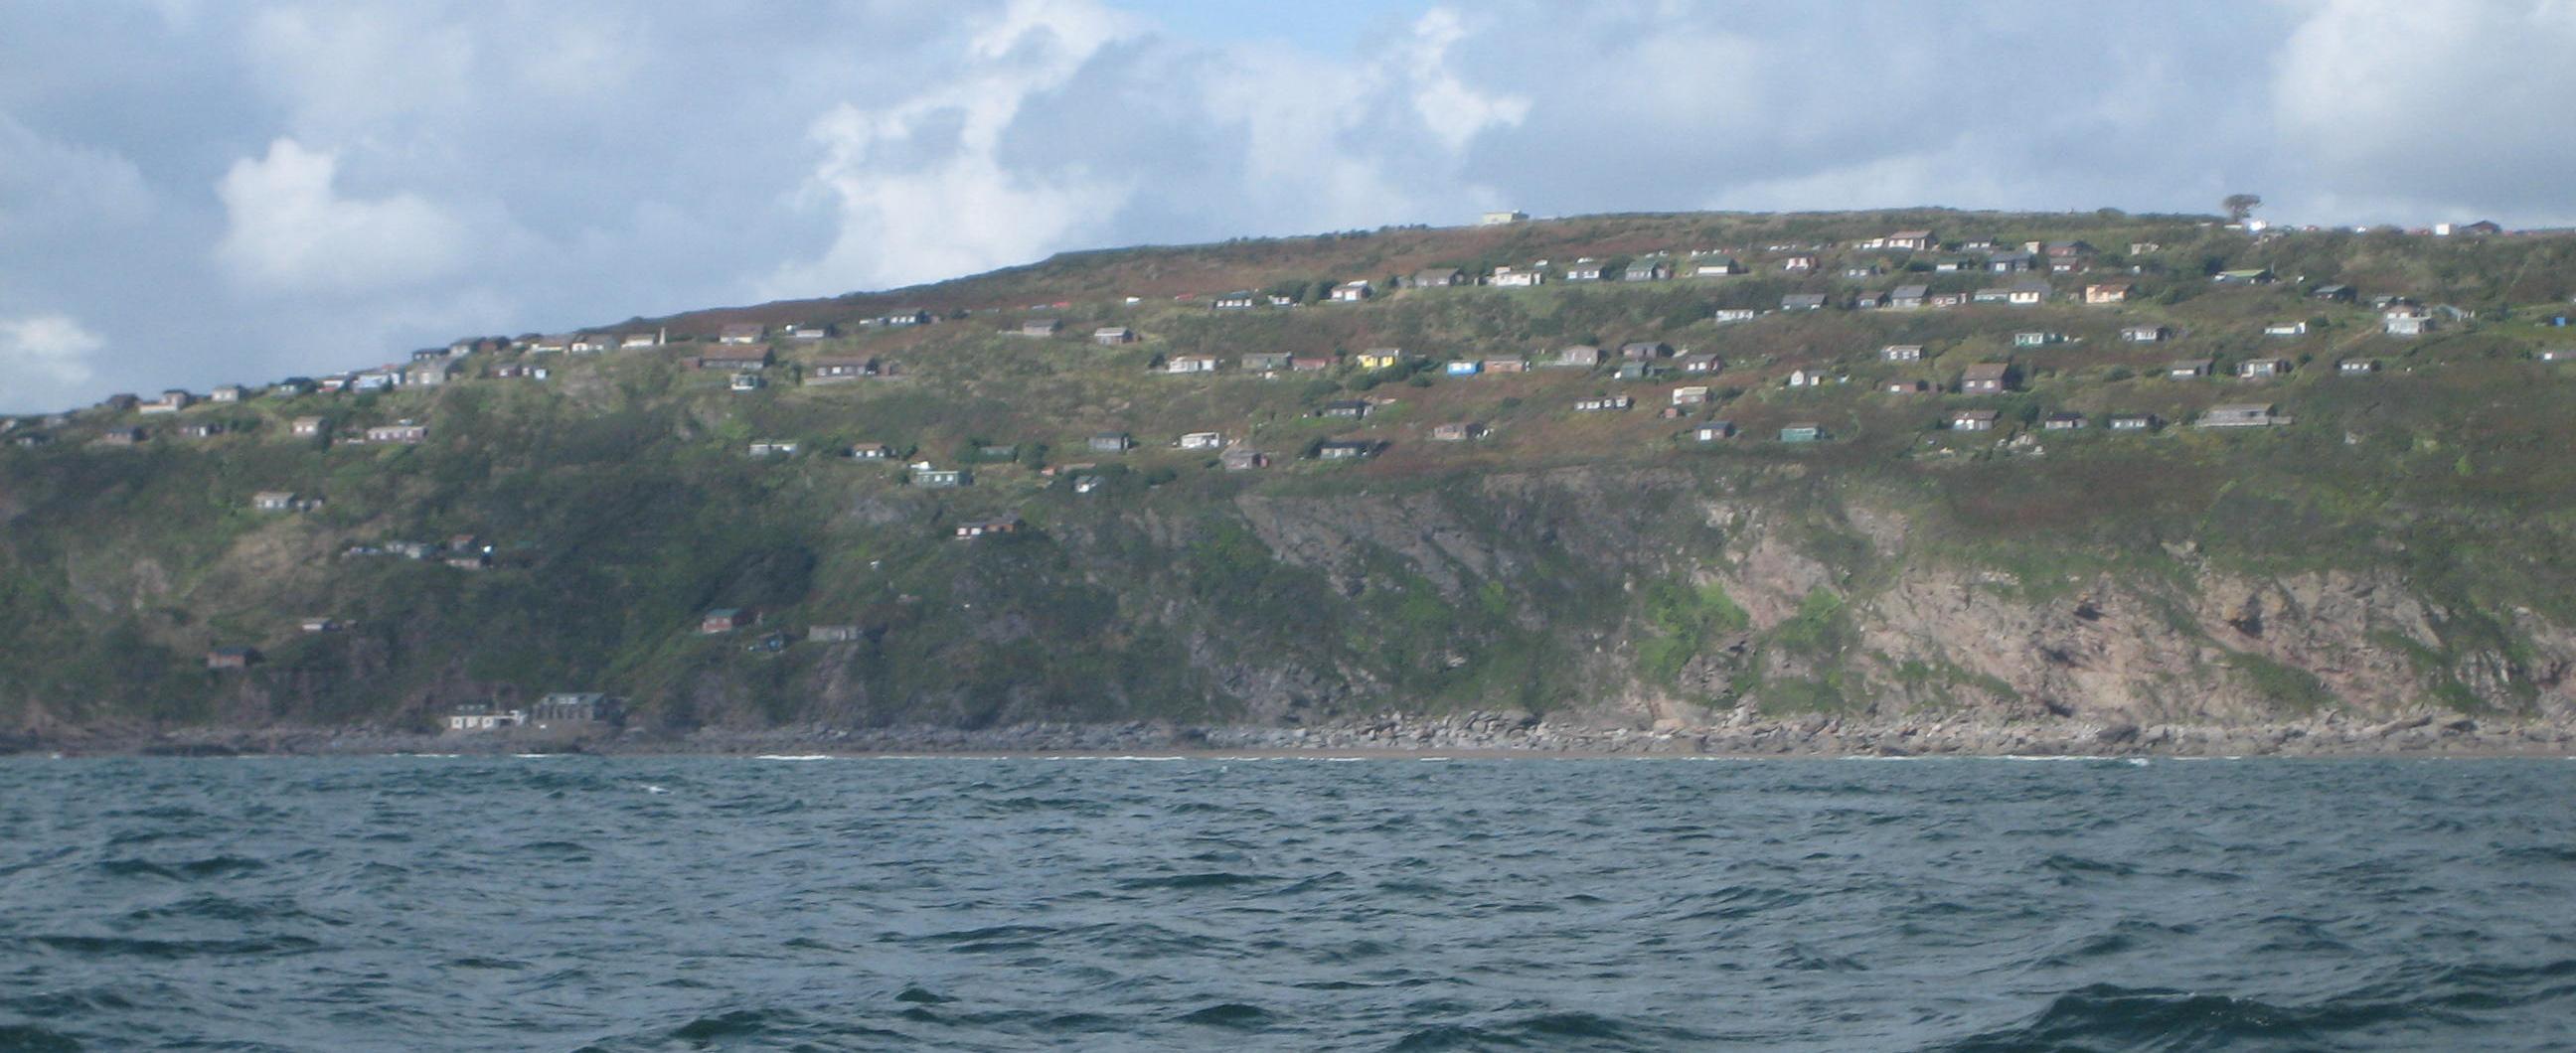 Whitsand Bay Chalets File:whitsand Bay Holiday